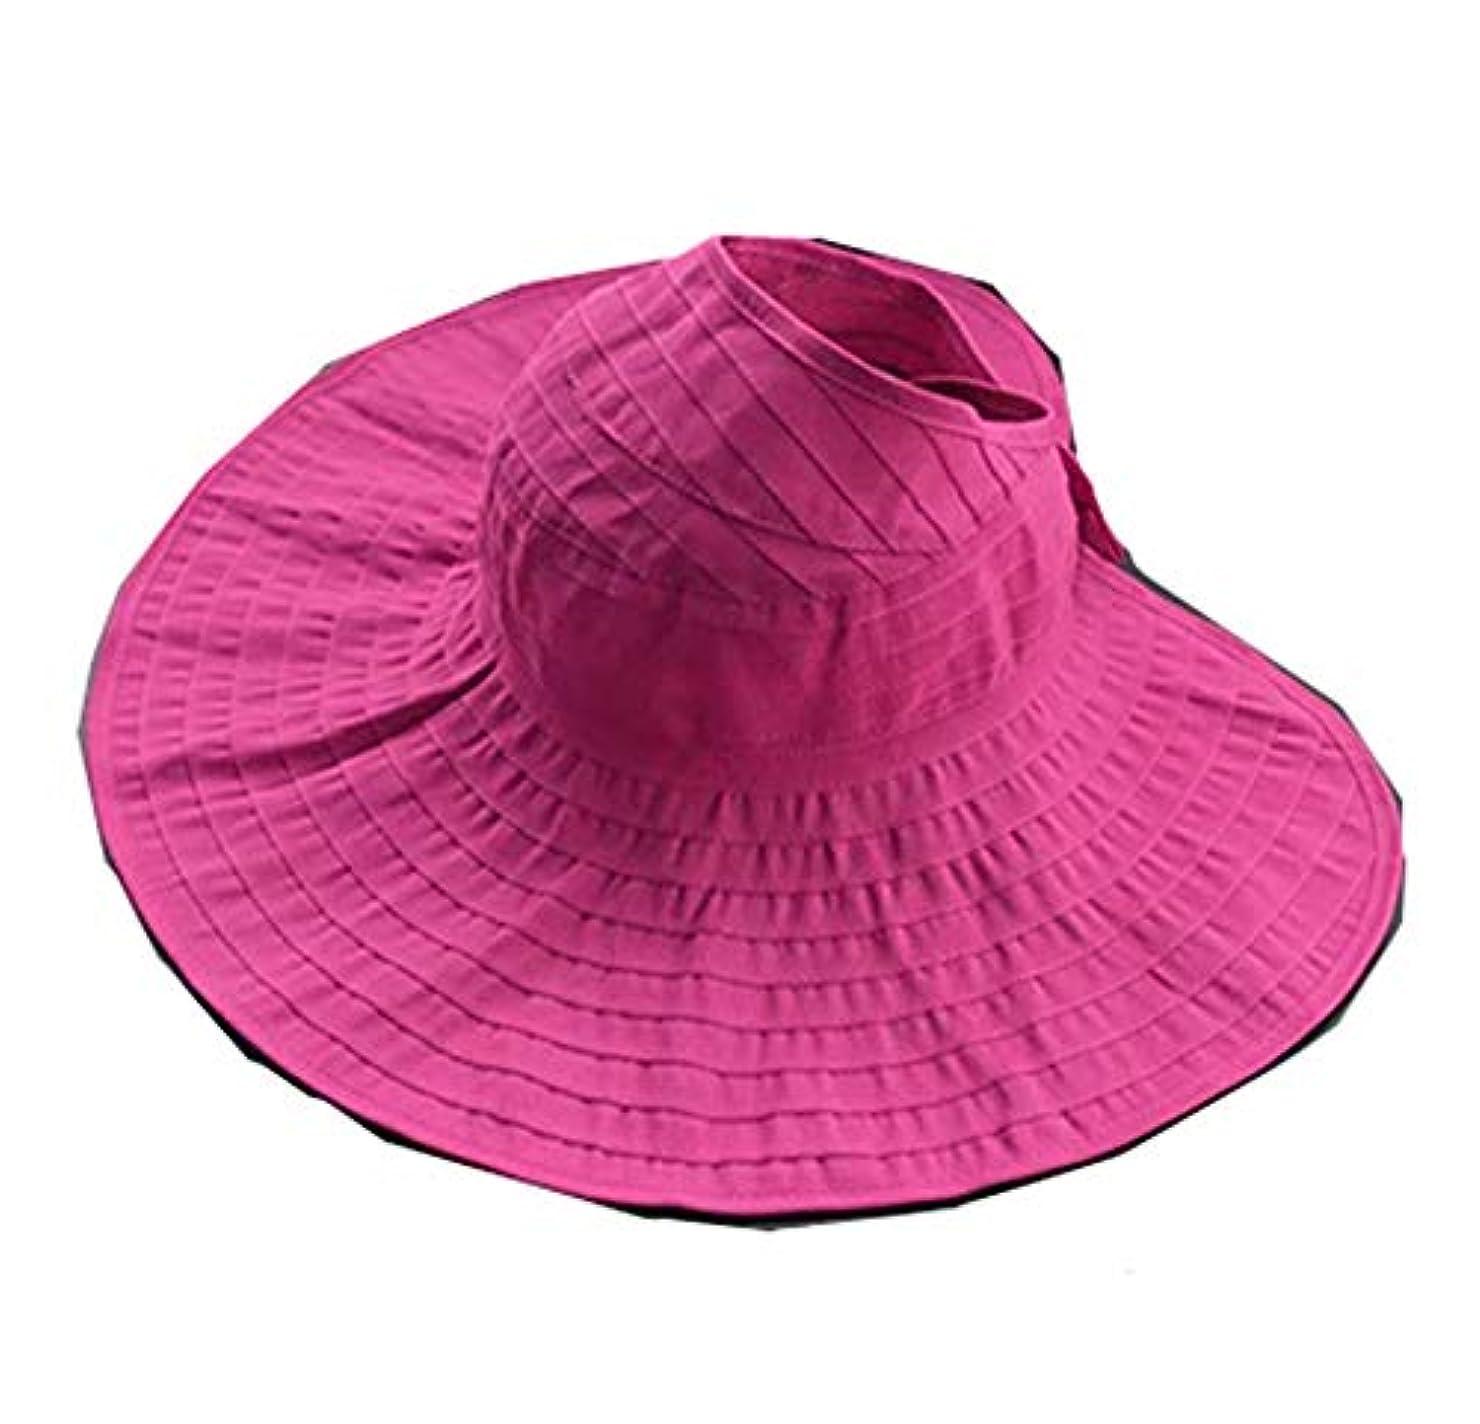 信条無法者基礎Yongqinghui 帽子 レディース 野生の春秋 旅行サンバイザー UV保護 顔 サンハット 空のトップサンハット